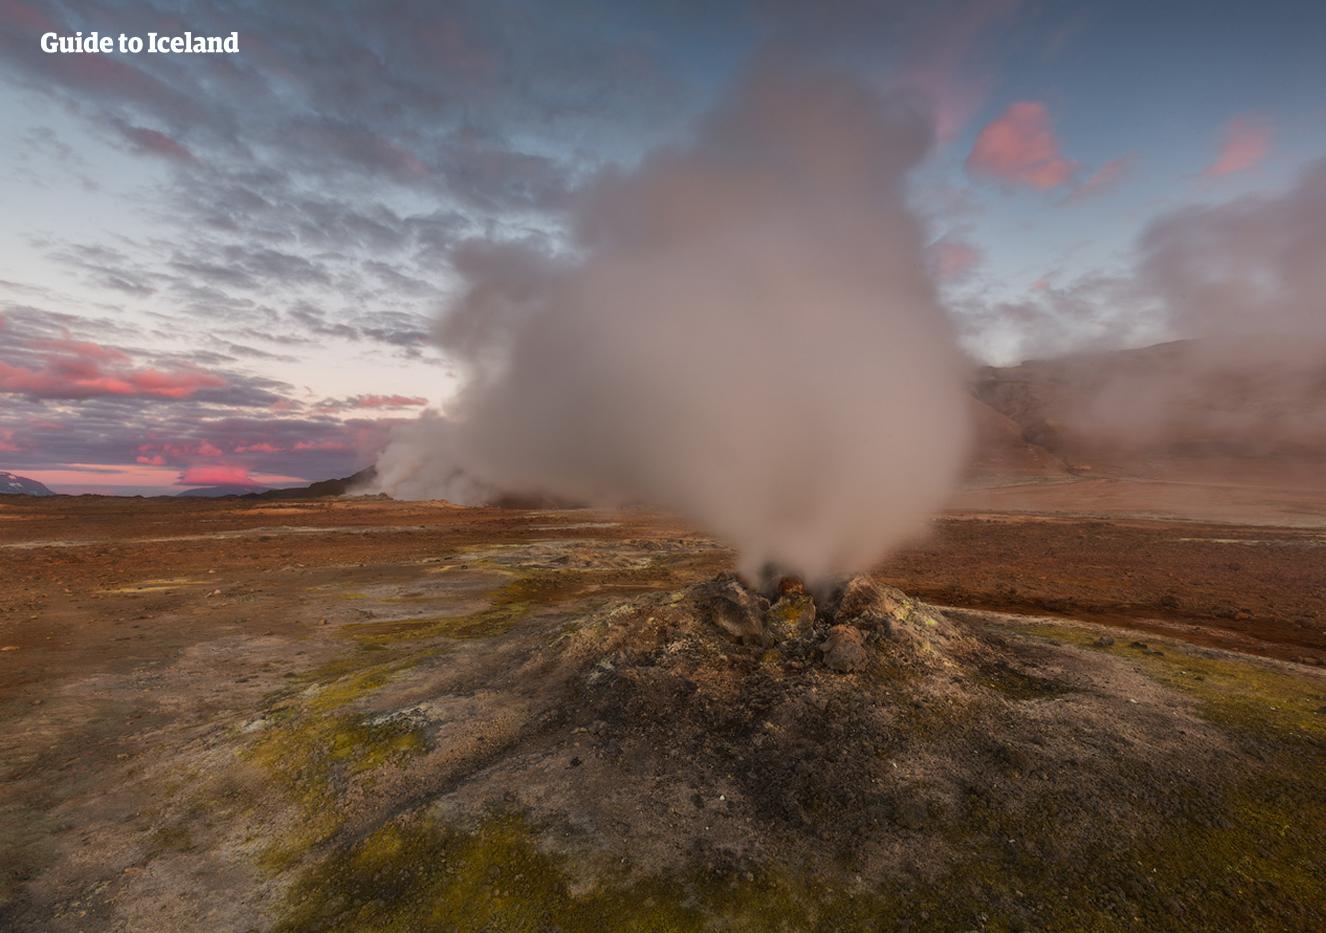 북부 아이슬란드 미바튼 호수 주위로 나마스카르드 패스가 하얀 연기를 뿜어내며 신비한 분위기를 연출합니다.